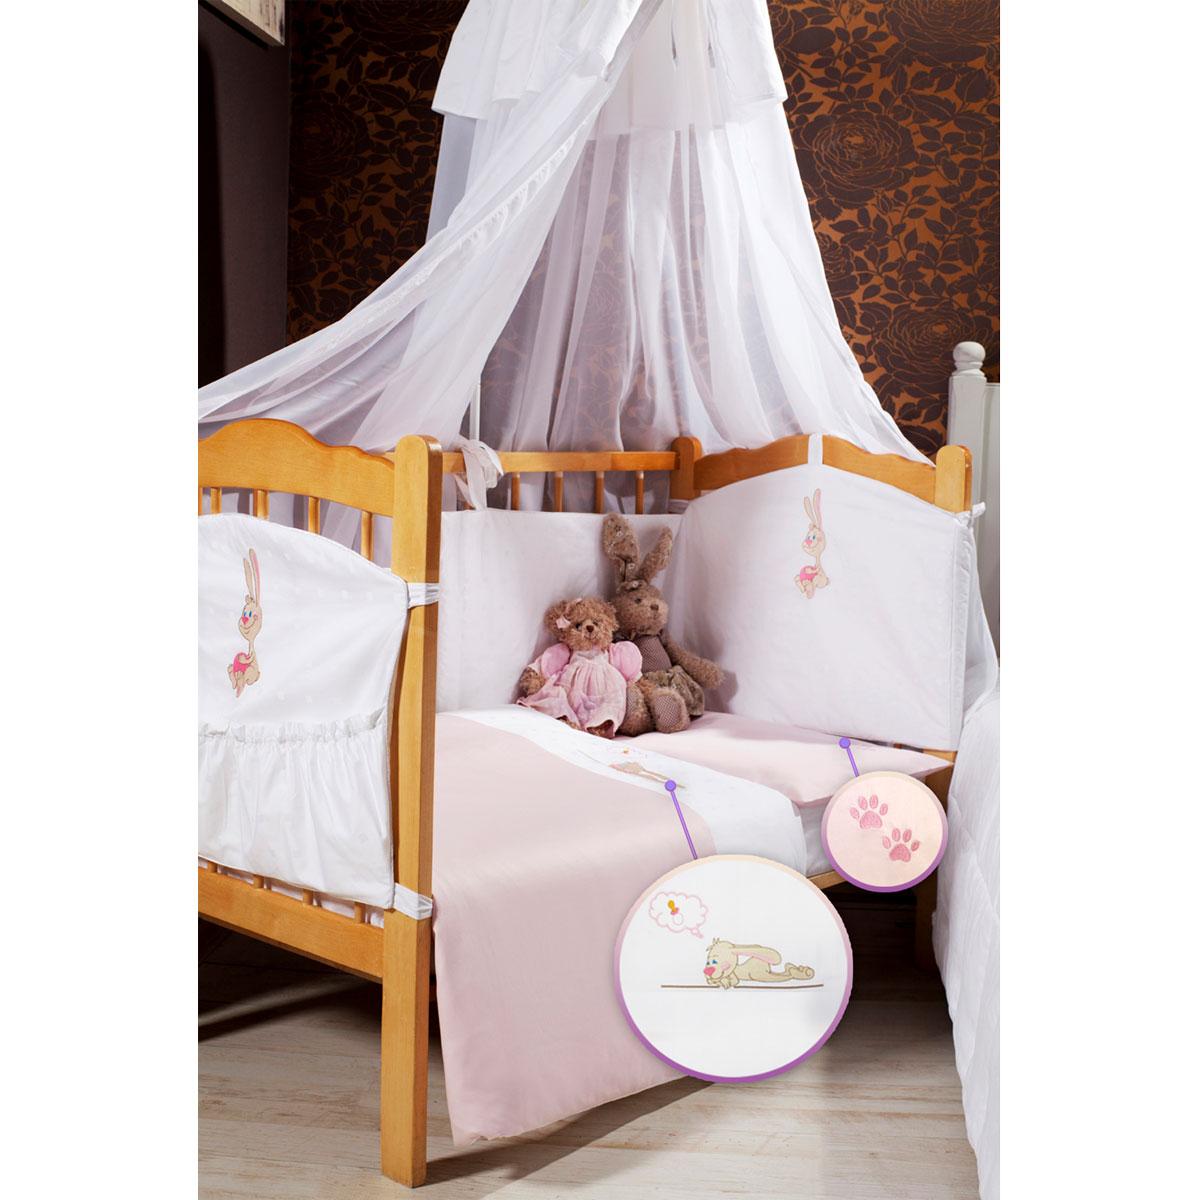 Детское постельное белье Primavelle Lovely (ясельный спальный КПБ, хлопок, наволочка 42х62), цвет: розовый115124231-4826вДетское постельное белье Primavelle Lovely прекрасно подойдет для вашего малыша. Текстиль произведен из 100% хлопка. При нанесении рисунка используются безопасные натуральные красители, не вызывающие аллергии. Гладкая структура делает ткань приятной на ощупь, она прочная и хорошо сохраняет форму, мало мнется и устойчива к частым стиркам. Комплект состоит из наволочки, простыни на резинке и пододеяльника. Яркий рисунок непременно понравится вашему ребенку. В комплект входят: Пододеяльник - 1 шт. Размер: 145 см х 115 см. Простыня - 1 шт. Размер: 120 см х 60 см. Наволочка - 1 шт. Размер: 42 см х 62 см.